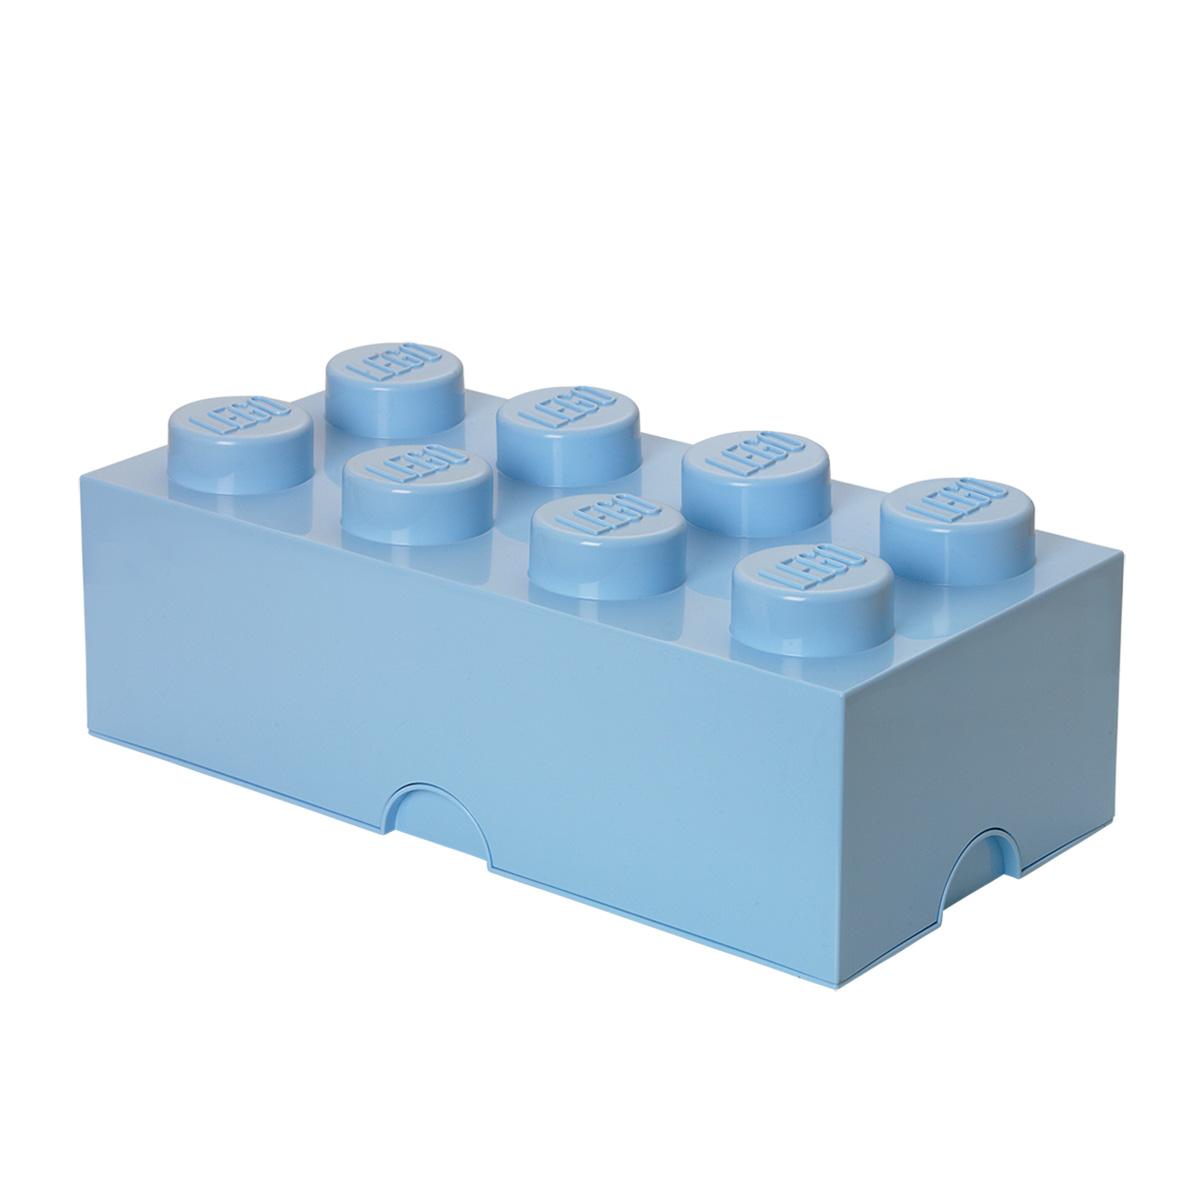 LEGO opbevaringskasse med 8 knopper - Lyseblå